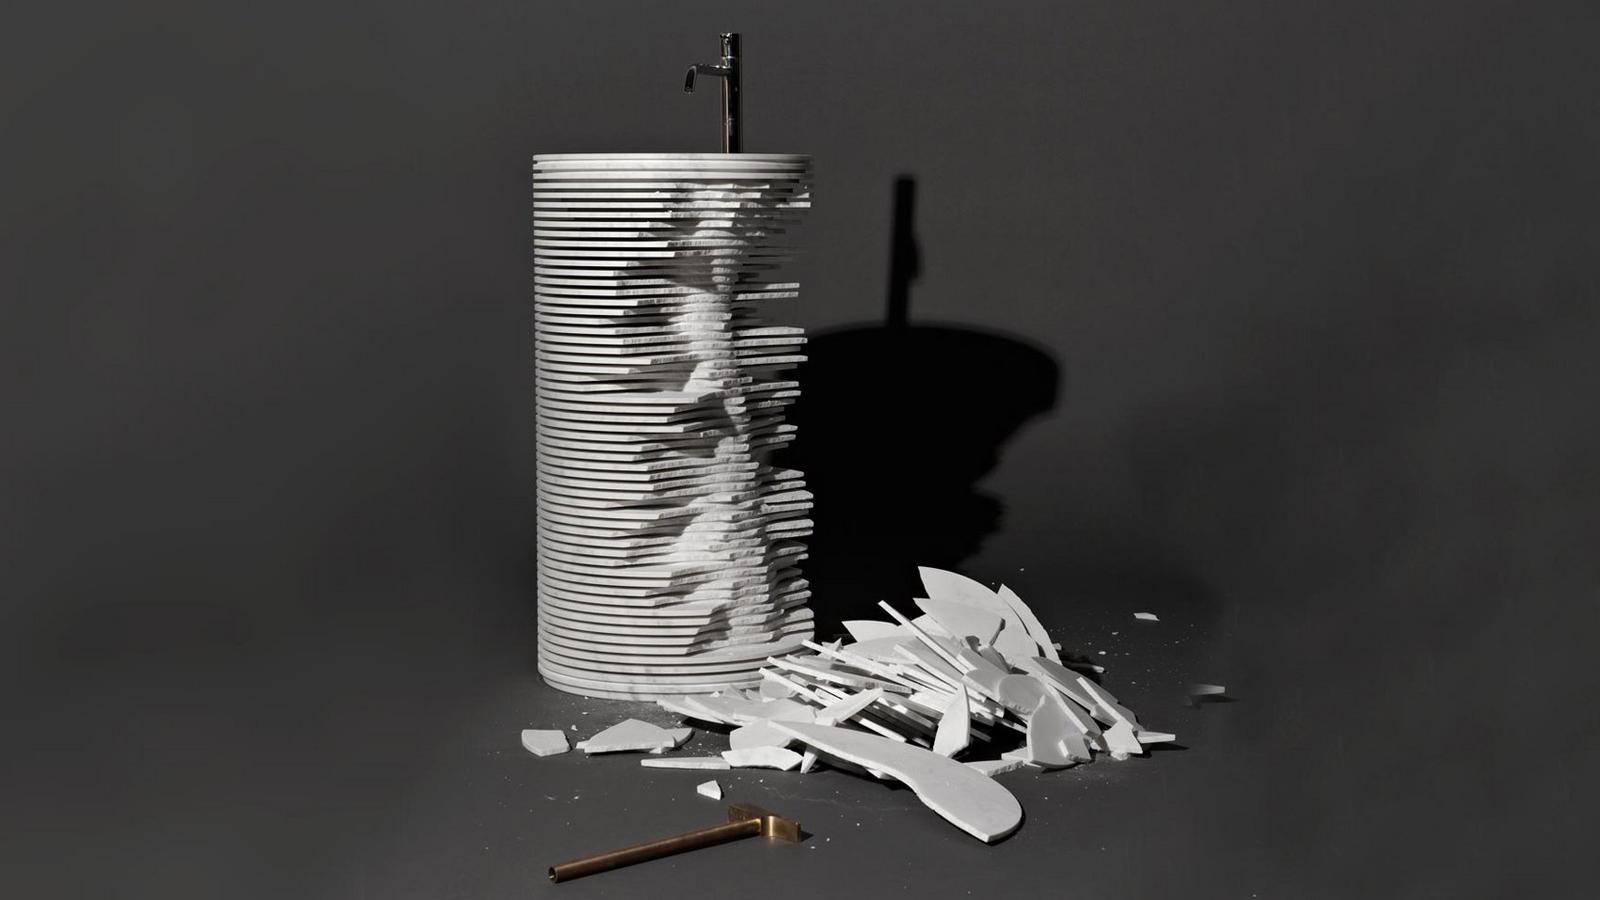 Az Introverso egy optikai csalódás, egy könnyed játék, mely egyszerre állítja ellentétbe a könnyű és nehéz, a kint és bent, valamint a negatív és pozitív fogalmait. Az egyetlen tömb Carrara-i márványból kialakított tárgyat vízszintes vágások darabolják fel, mely által az nemcsak masszivitását veszíti el, de feltárja igazi lelkét, lényegét is: a mosdókagyló valódi formáját.